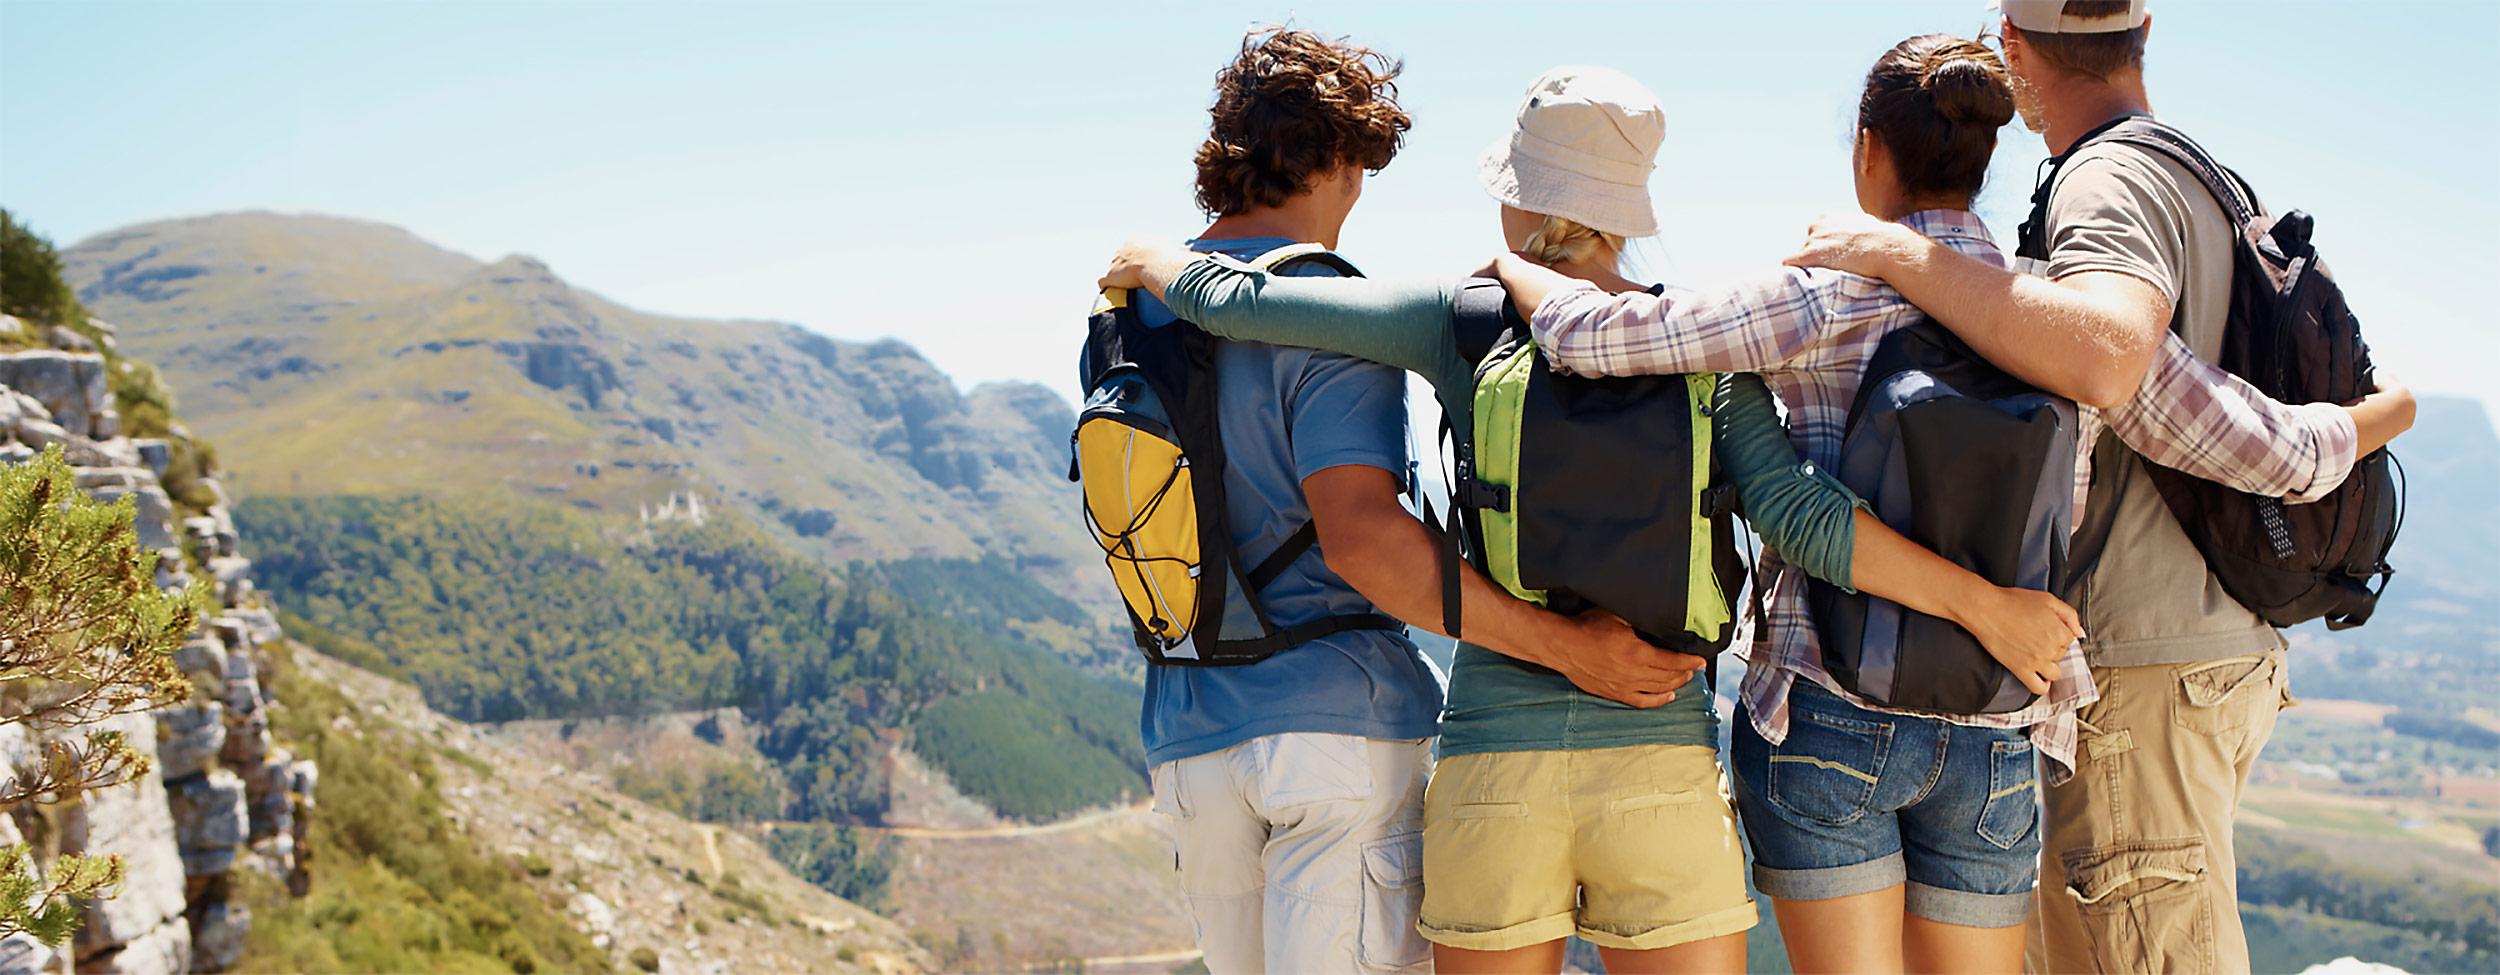 Comment parfaire un voyage en groupe ?